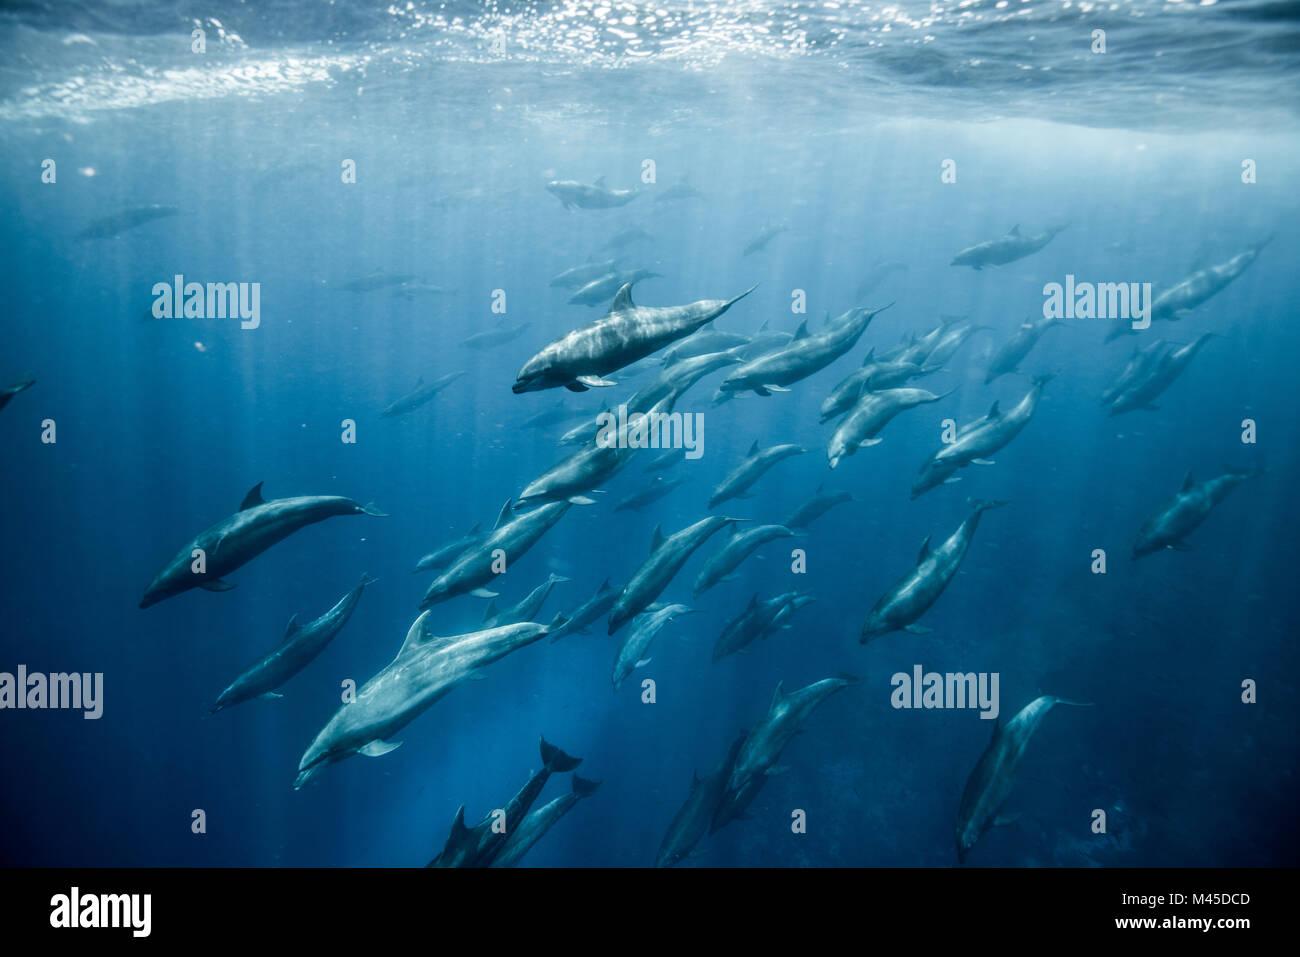 Grand groupe de grands dauphins, Seymour, Galapagos, Equateur, Amérique du Sud Photo Stock